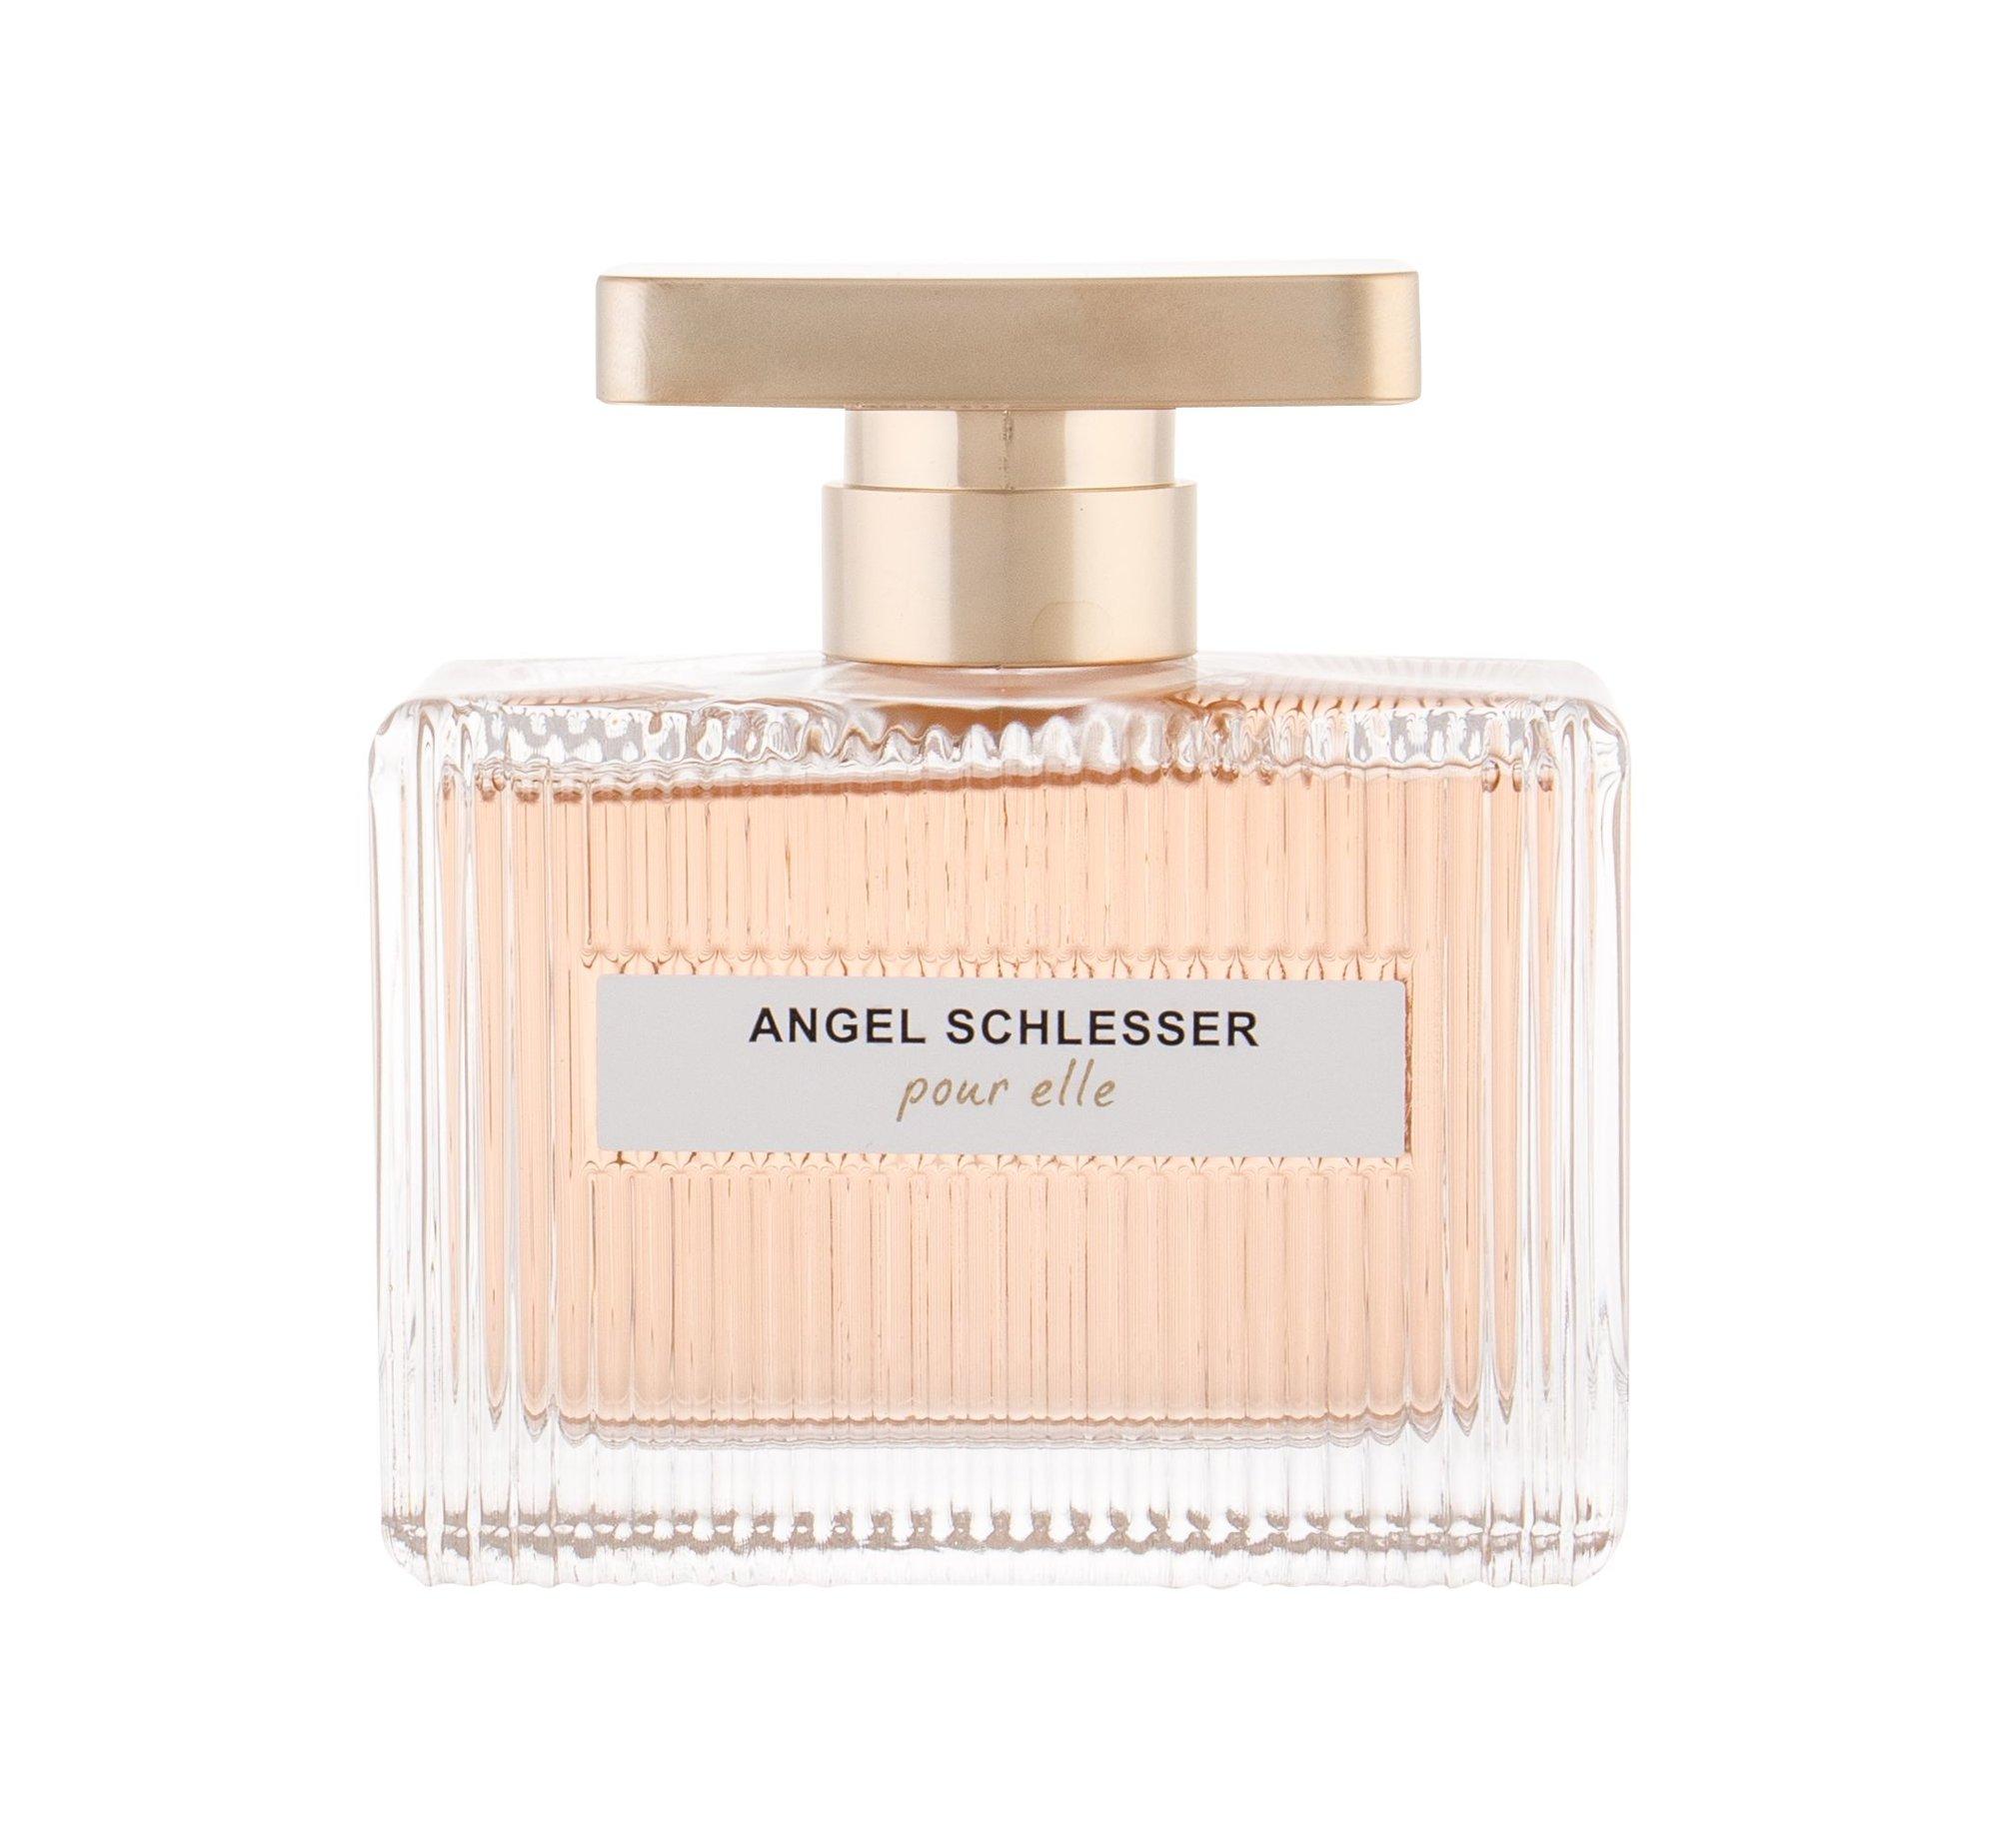 Angel Schlesser Pour Elle Eau de Parfum 100ml